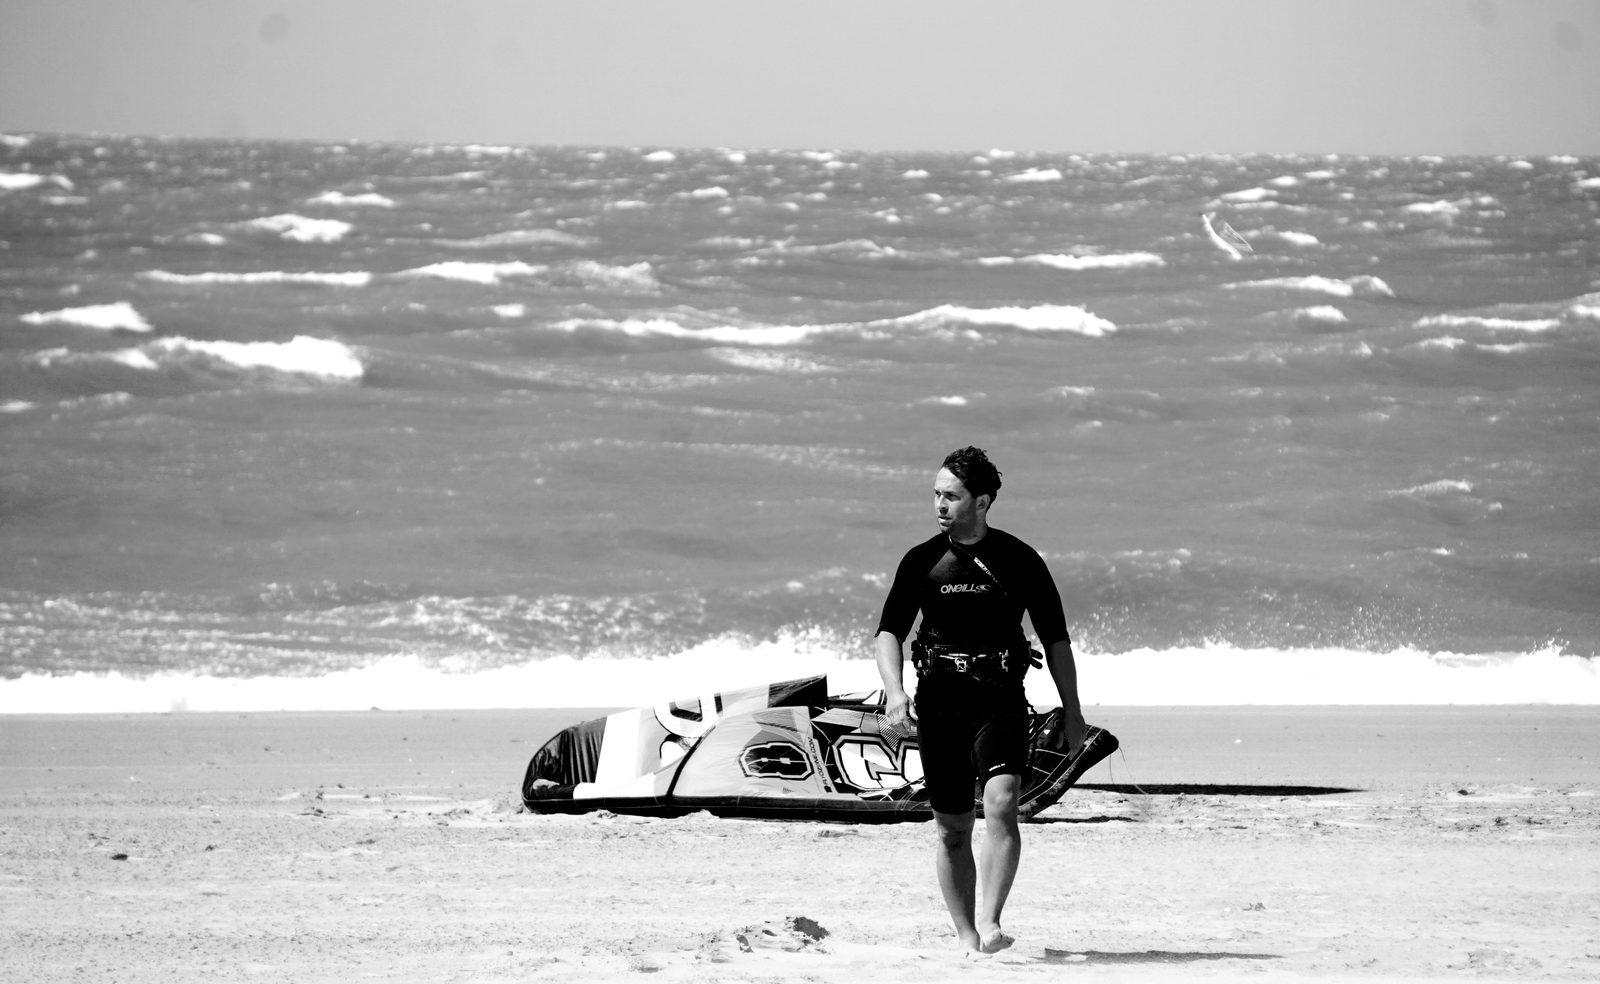 Water sports in Zeeland